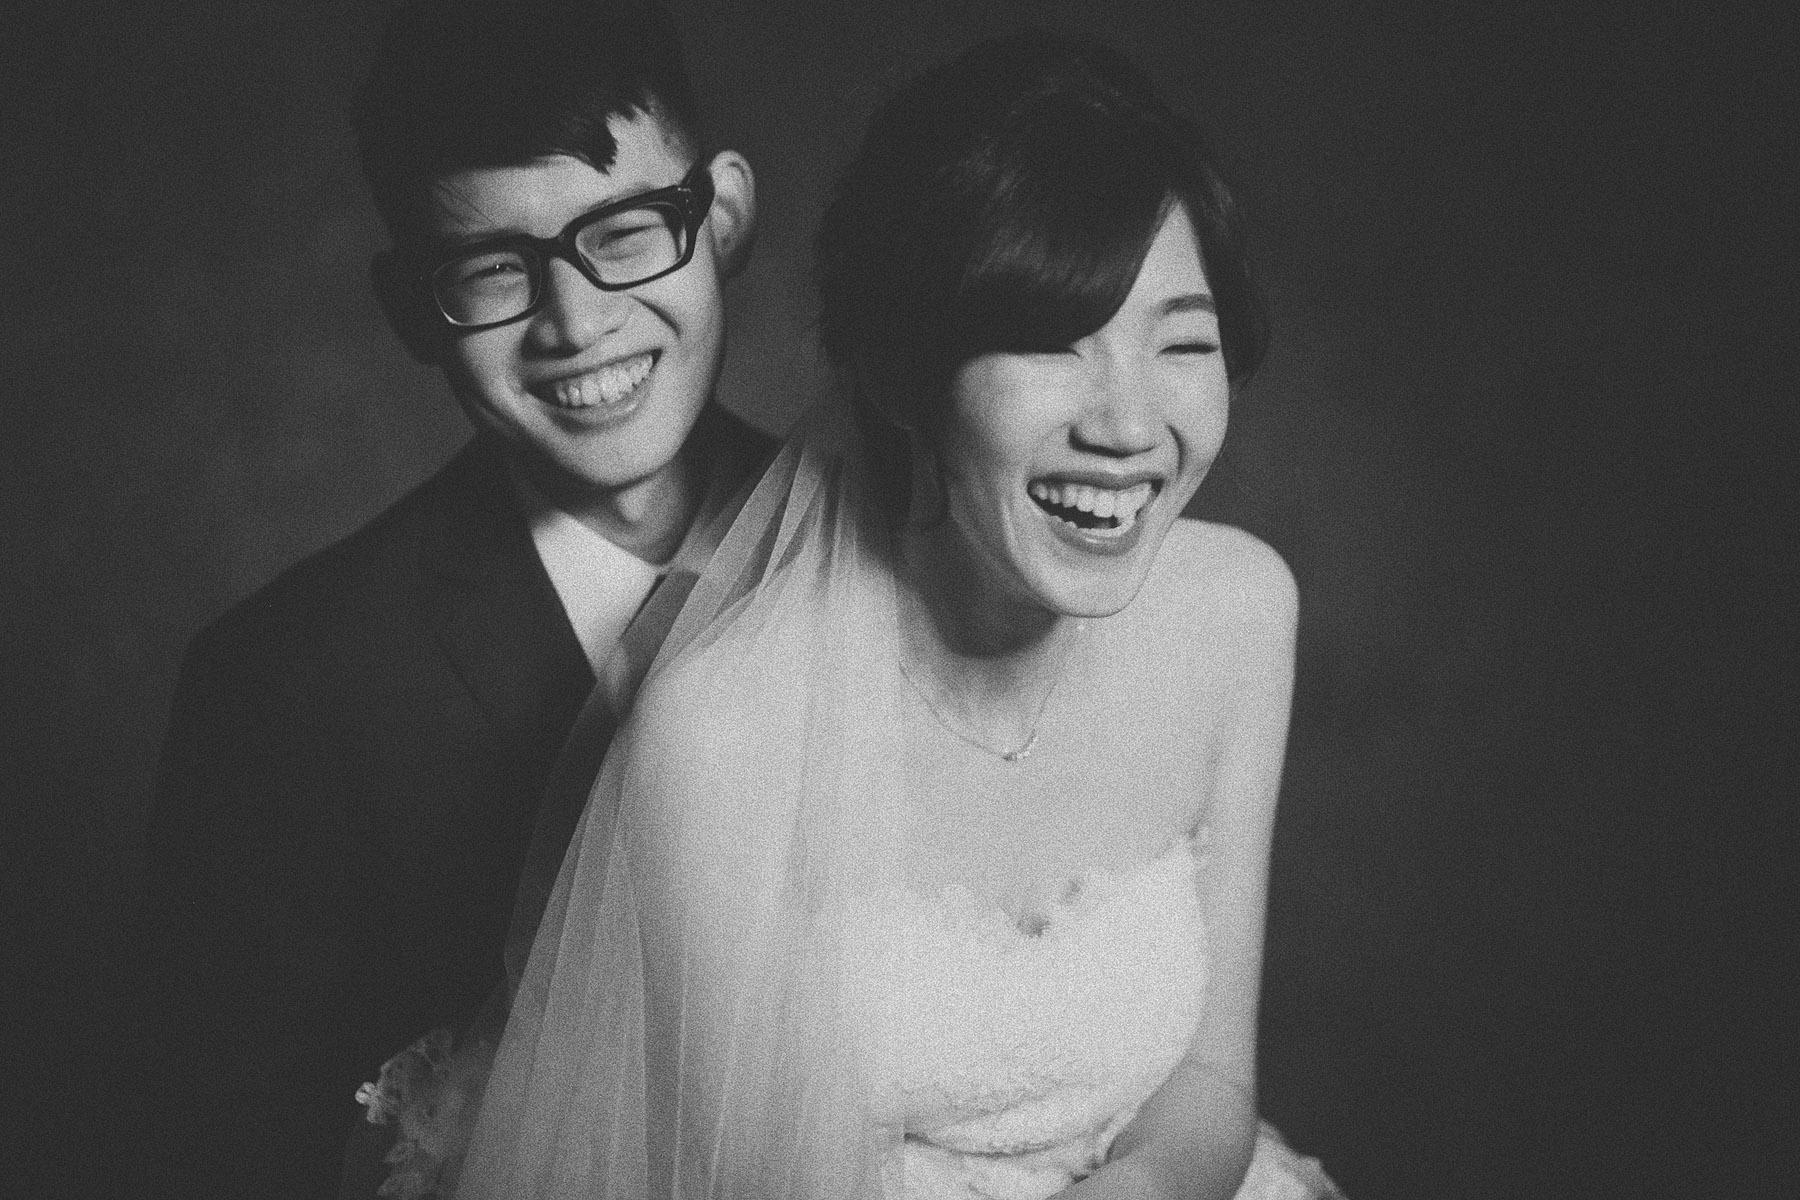 純棚拍,黑白,攝影棚拍,自助婚紗,自然風格,生活風格,居家風格,底片風格,電影風格,台北,婚紗攝影師推薦,